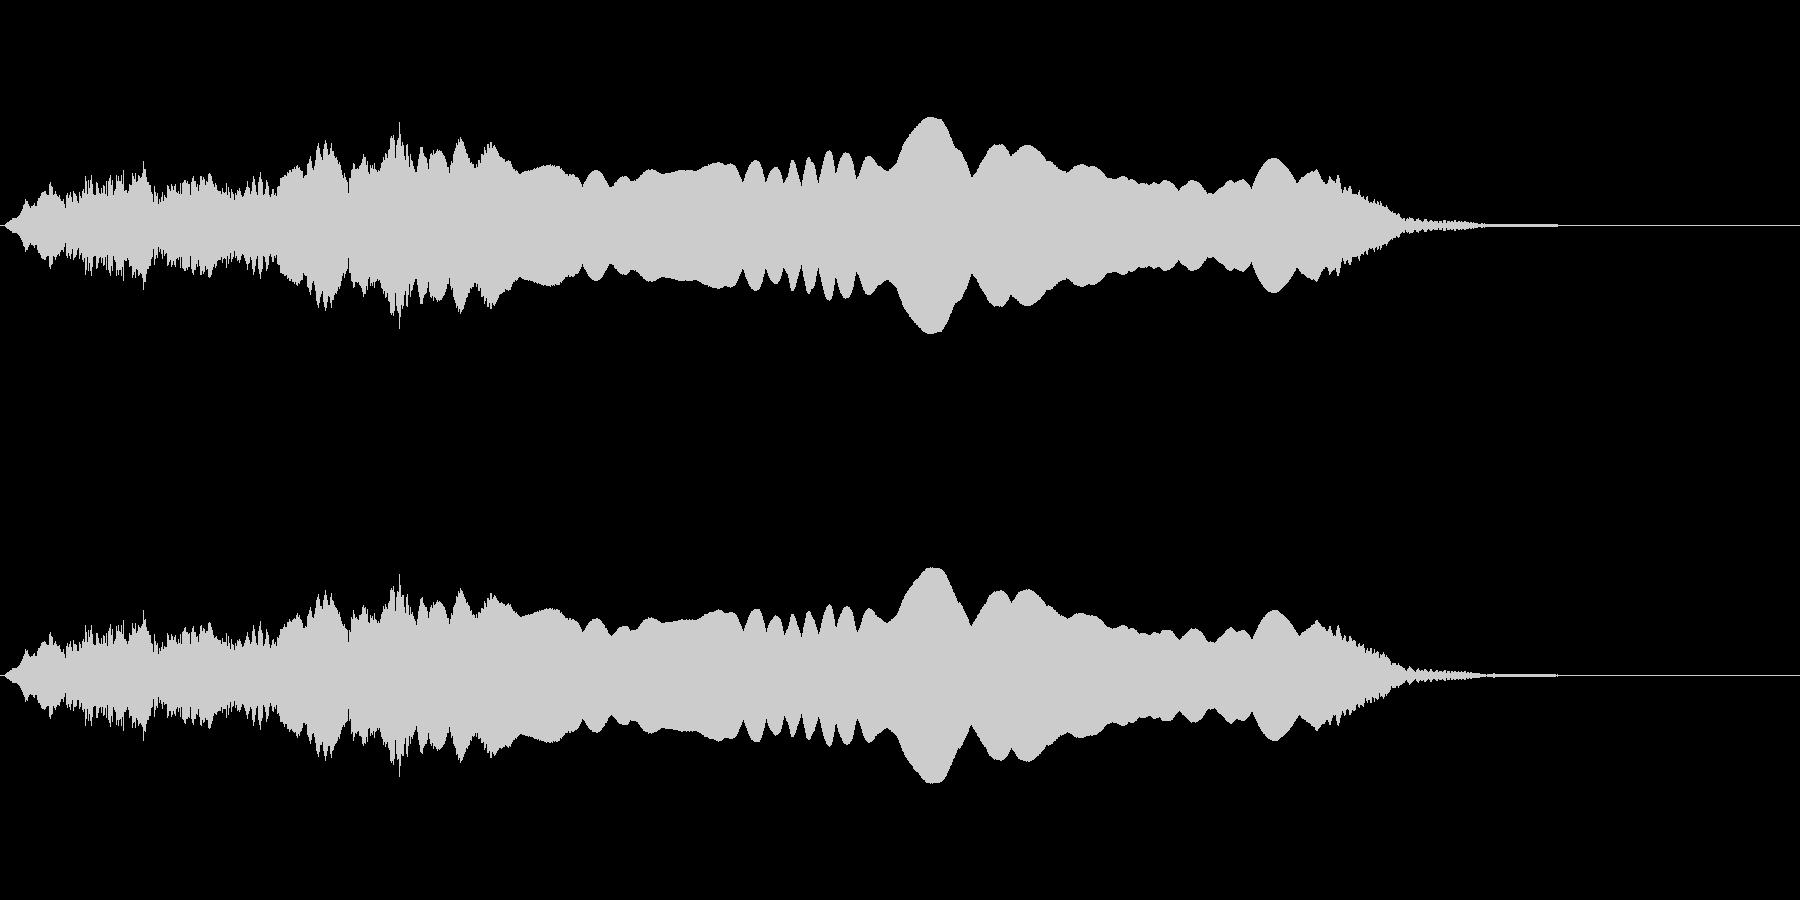 ウゥゥーーーー(サイレン・警報)の未再生の波形